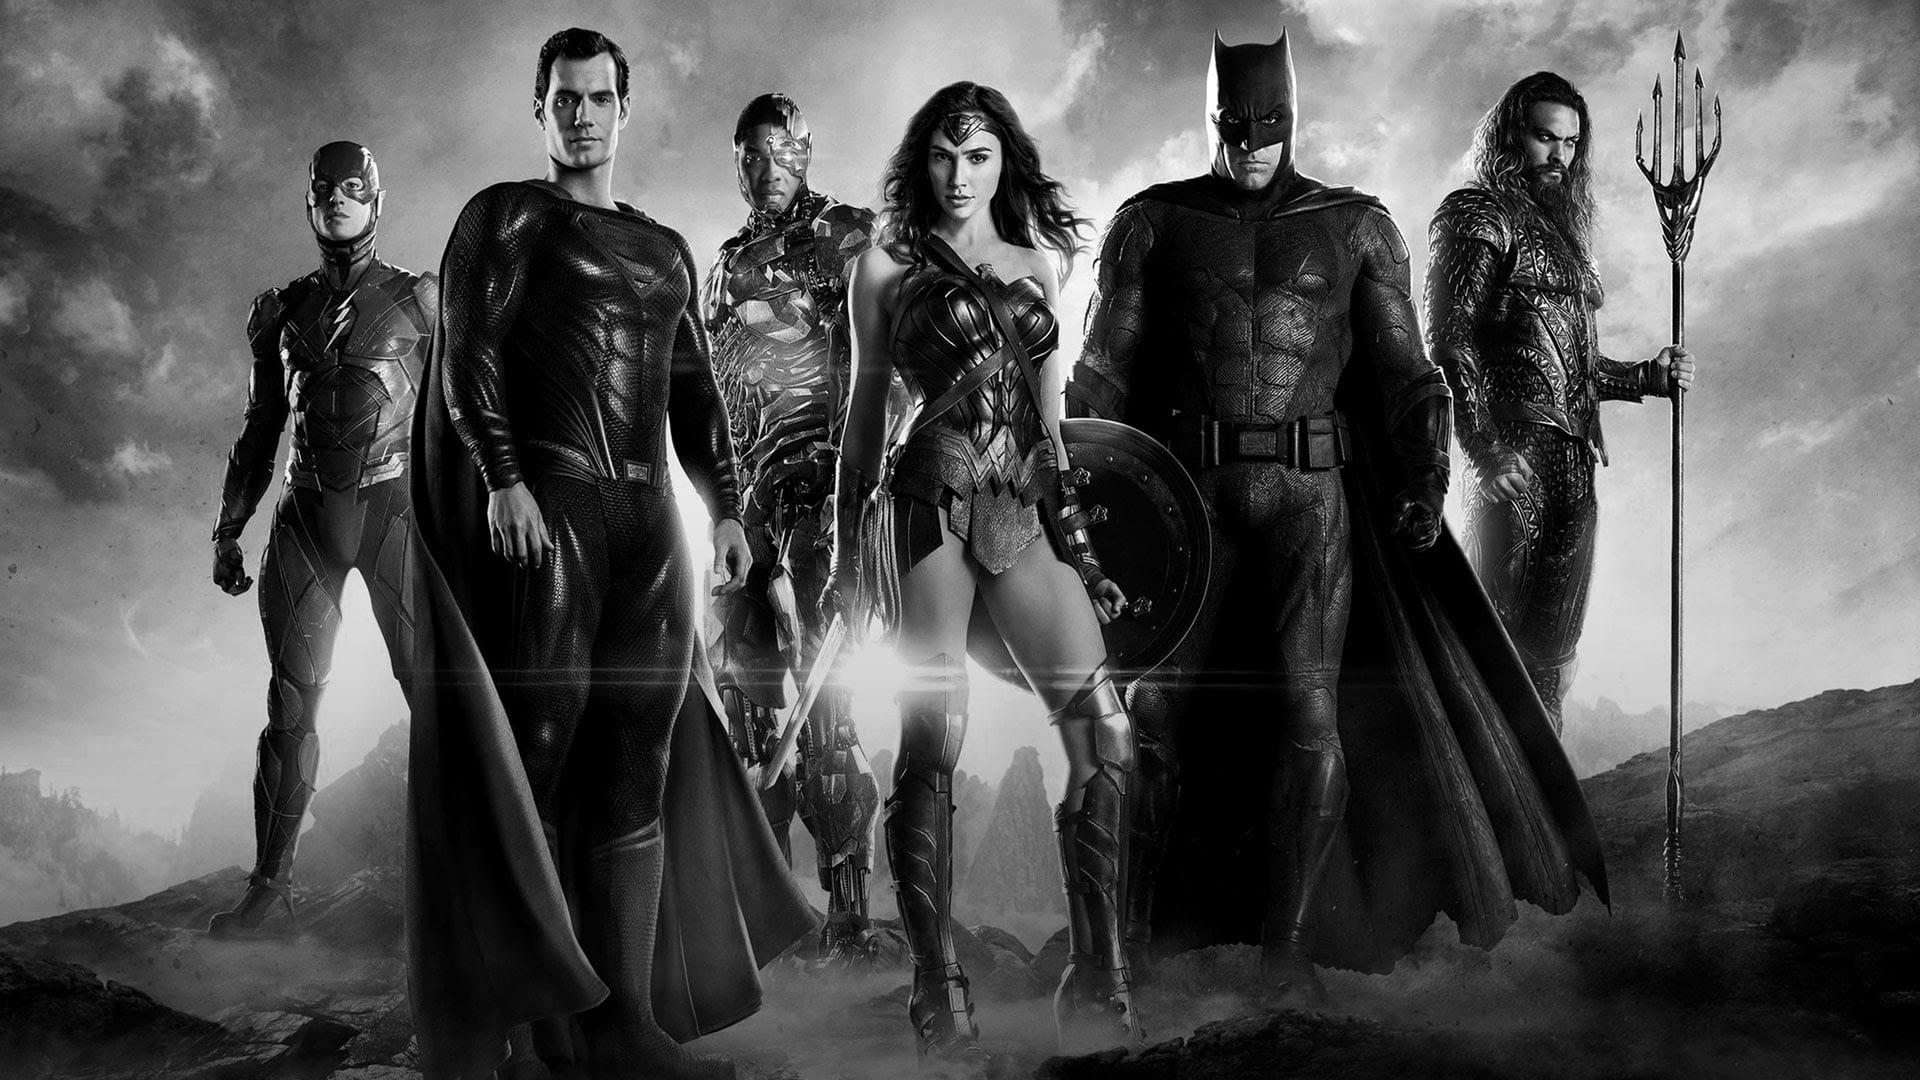 扎克·施奈德版正义联盟 Zack Snyder's Justice League (2021) 中文字幕